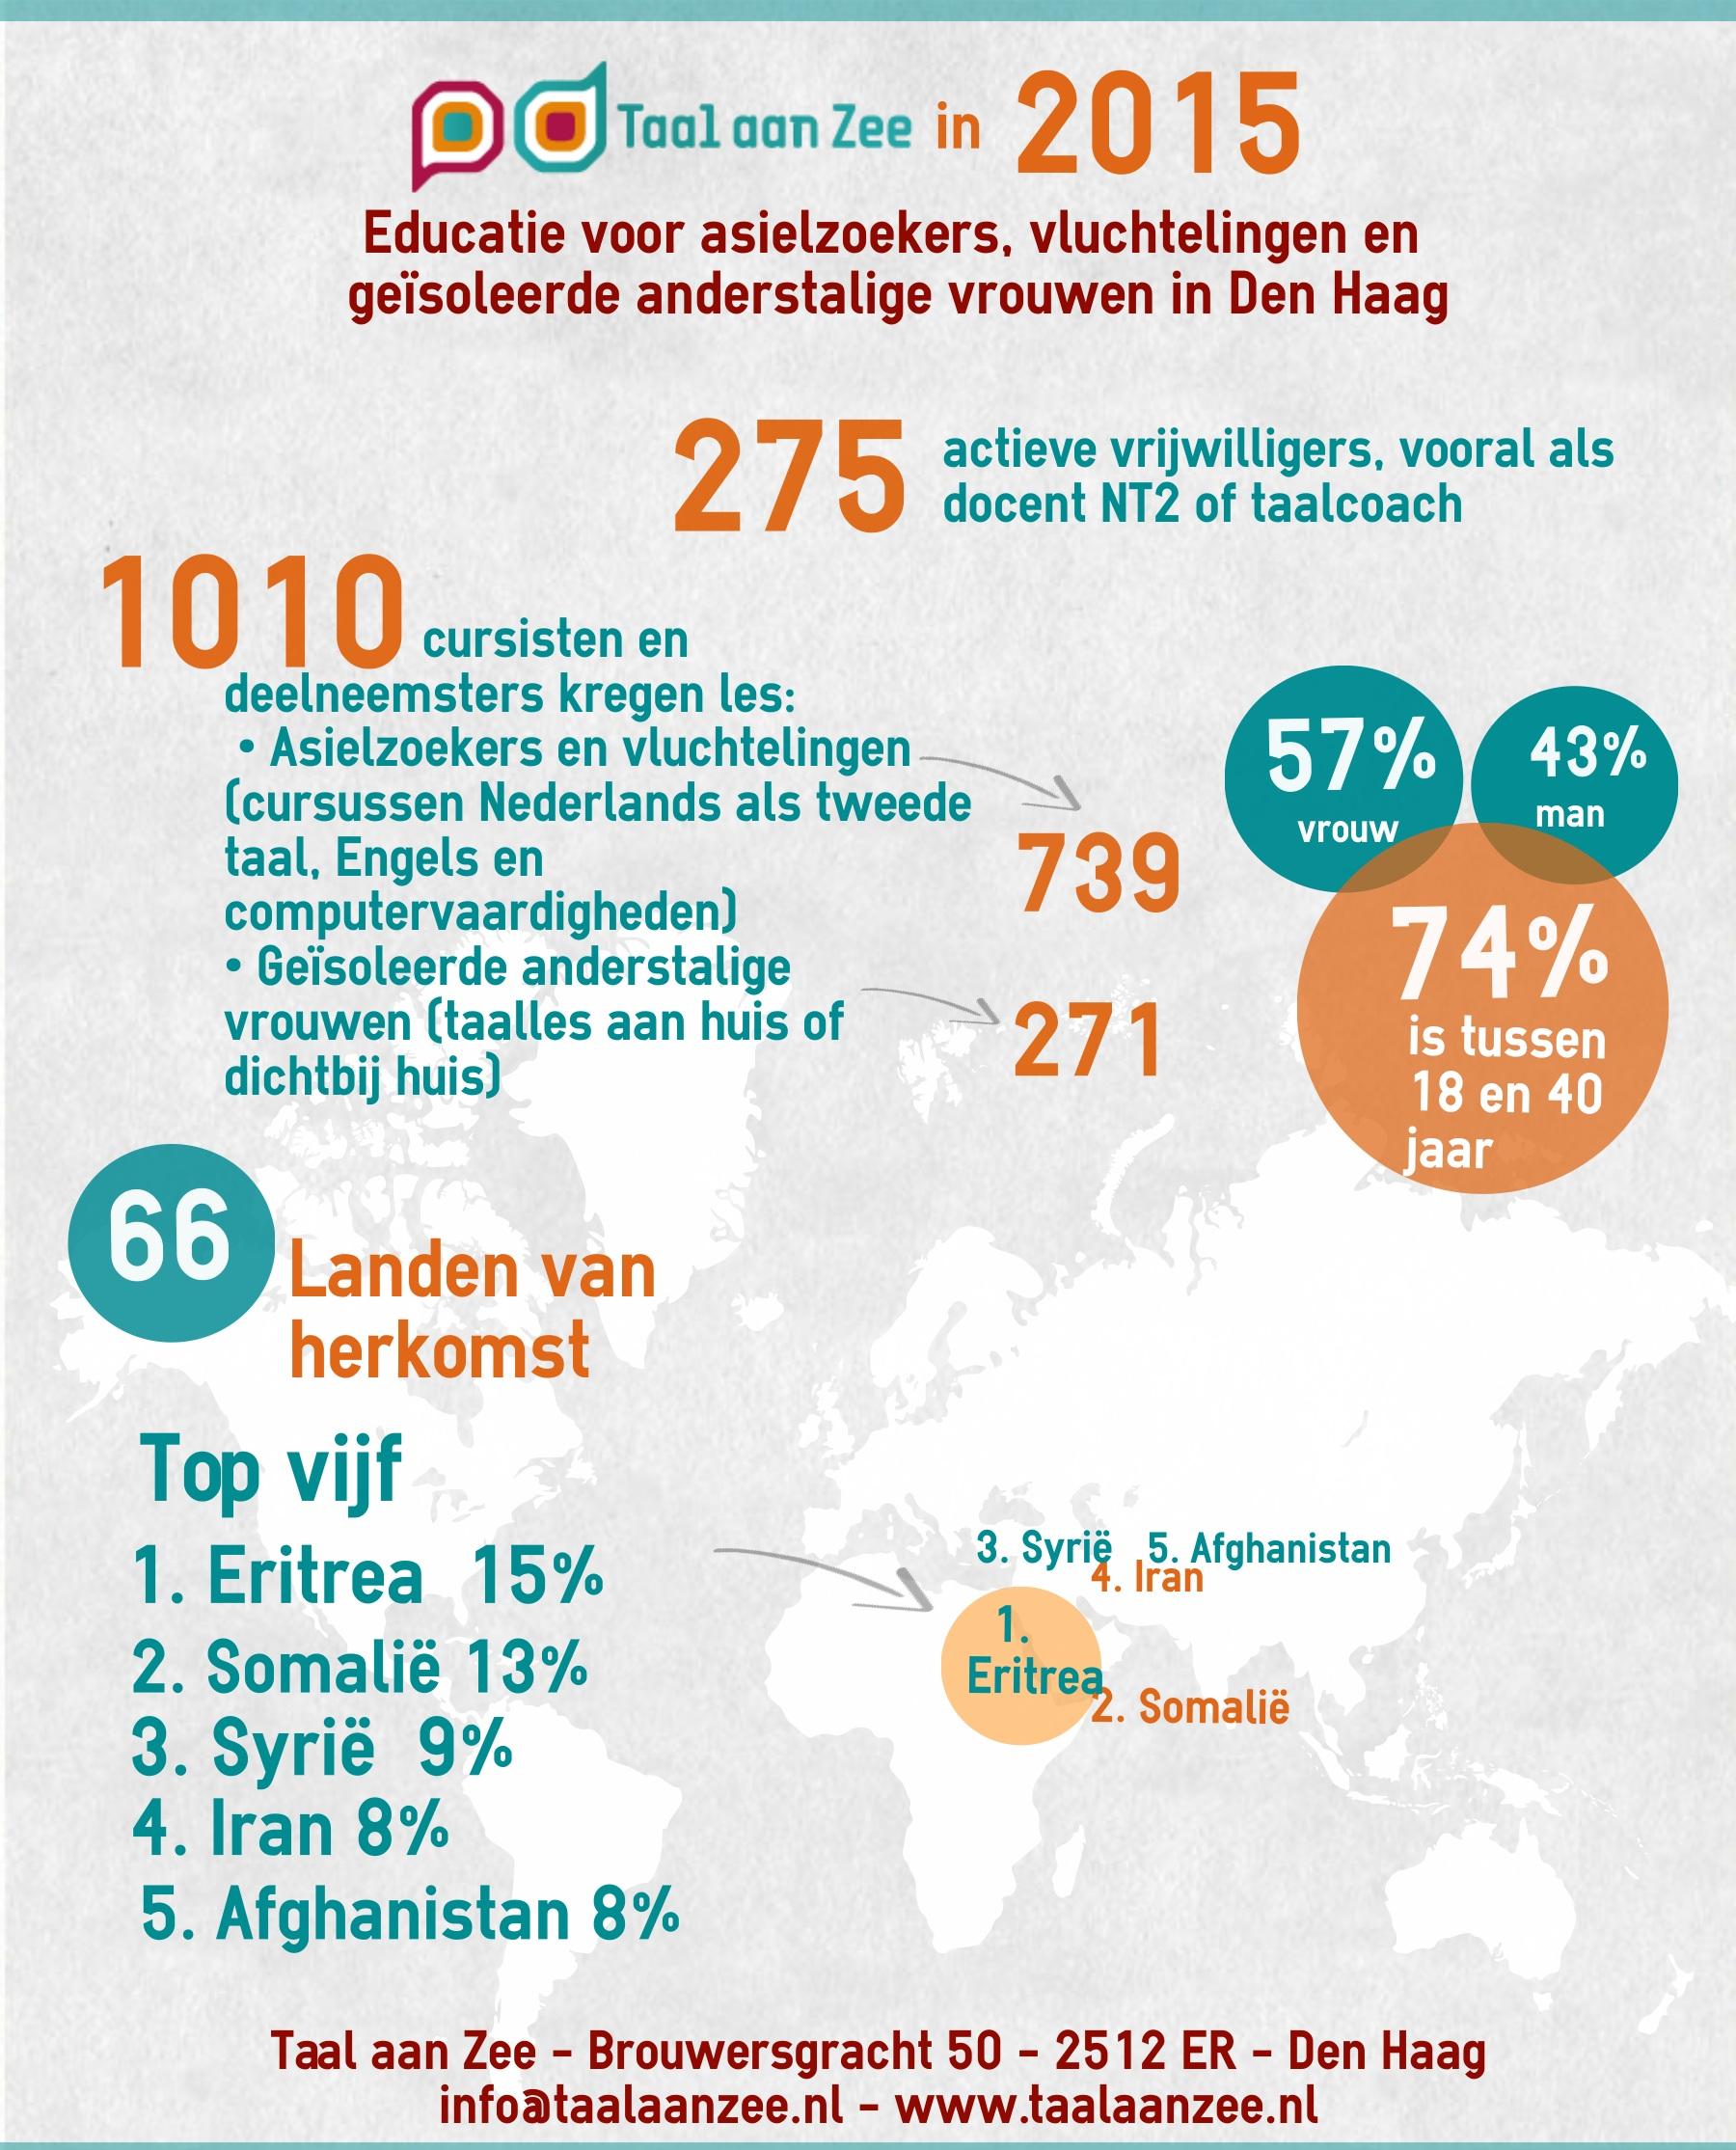 Taal aan Zee in 2015 - Infographic